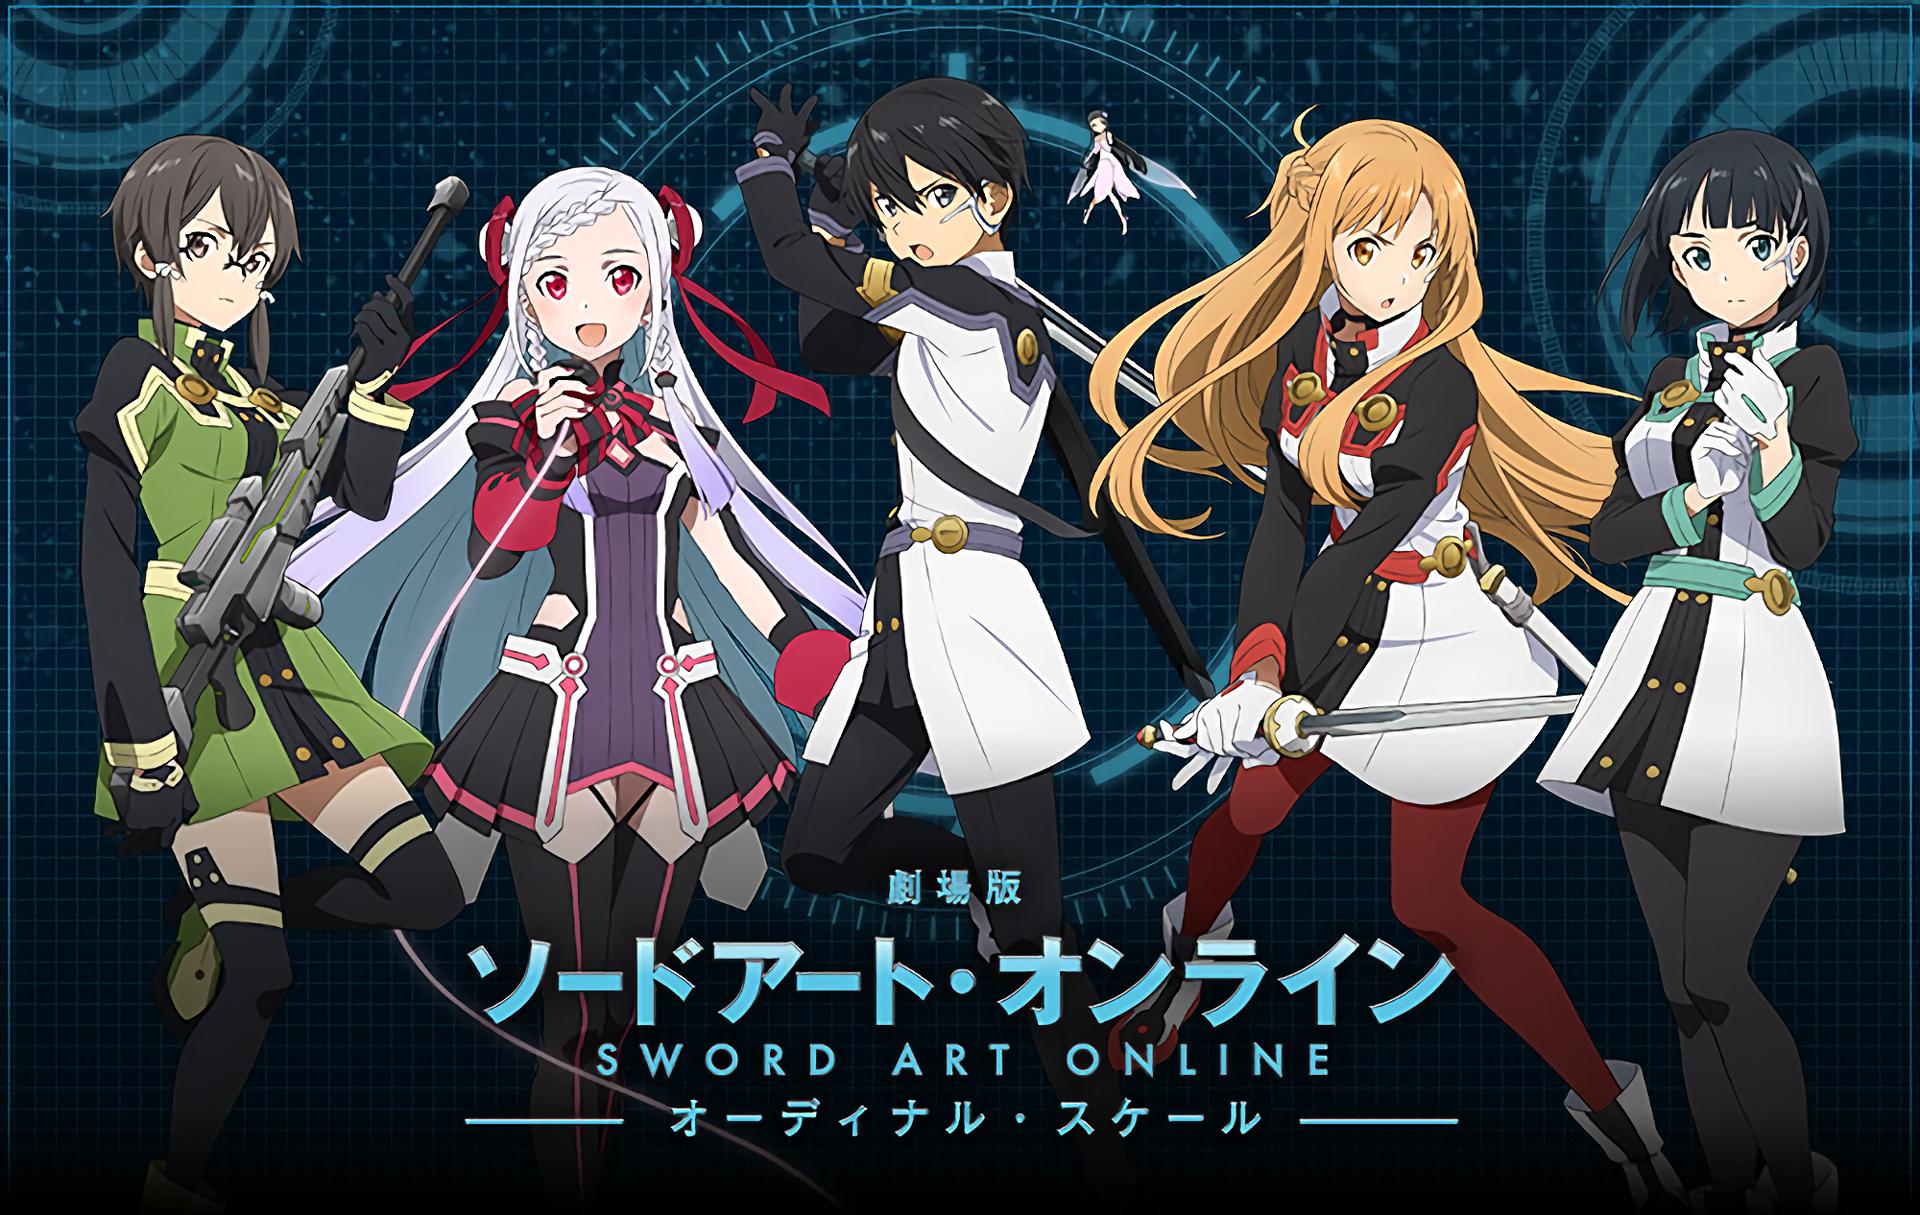 resultado de imagem para sword art online wallpaper hd   animes